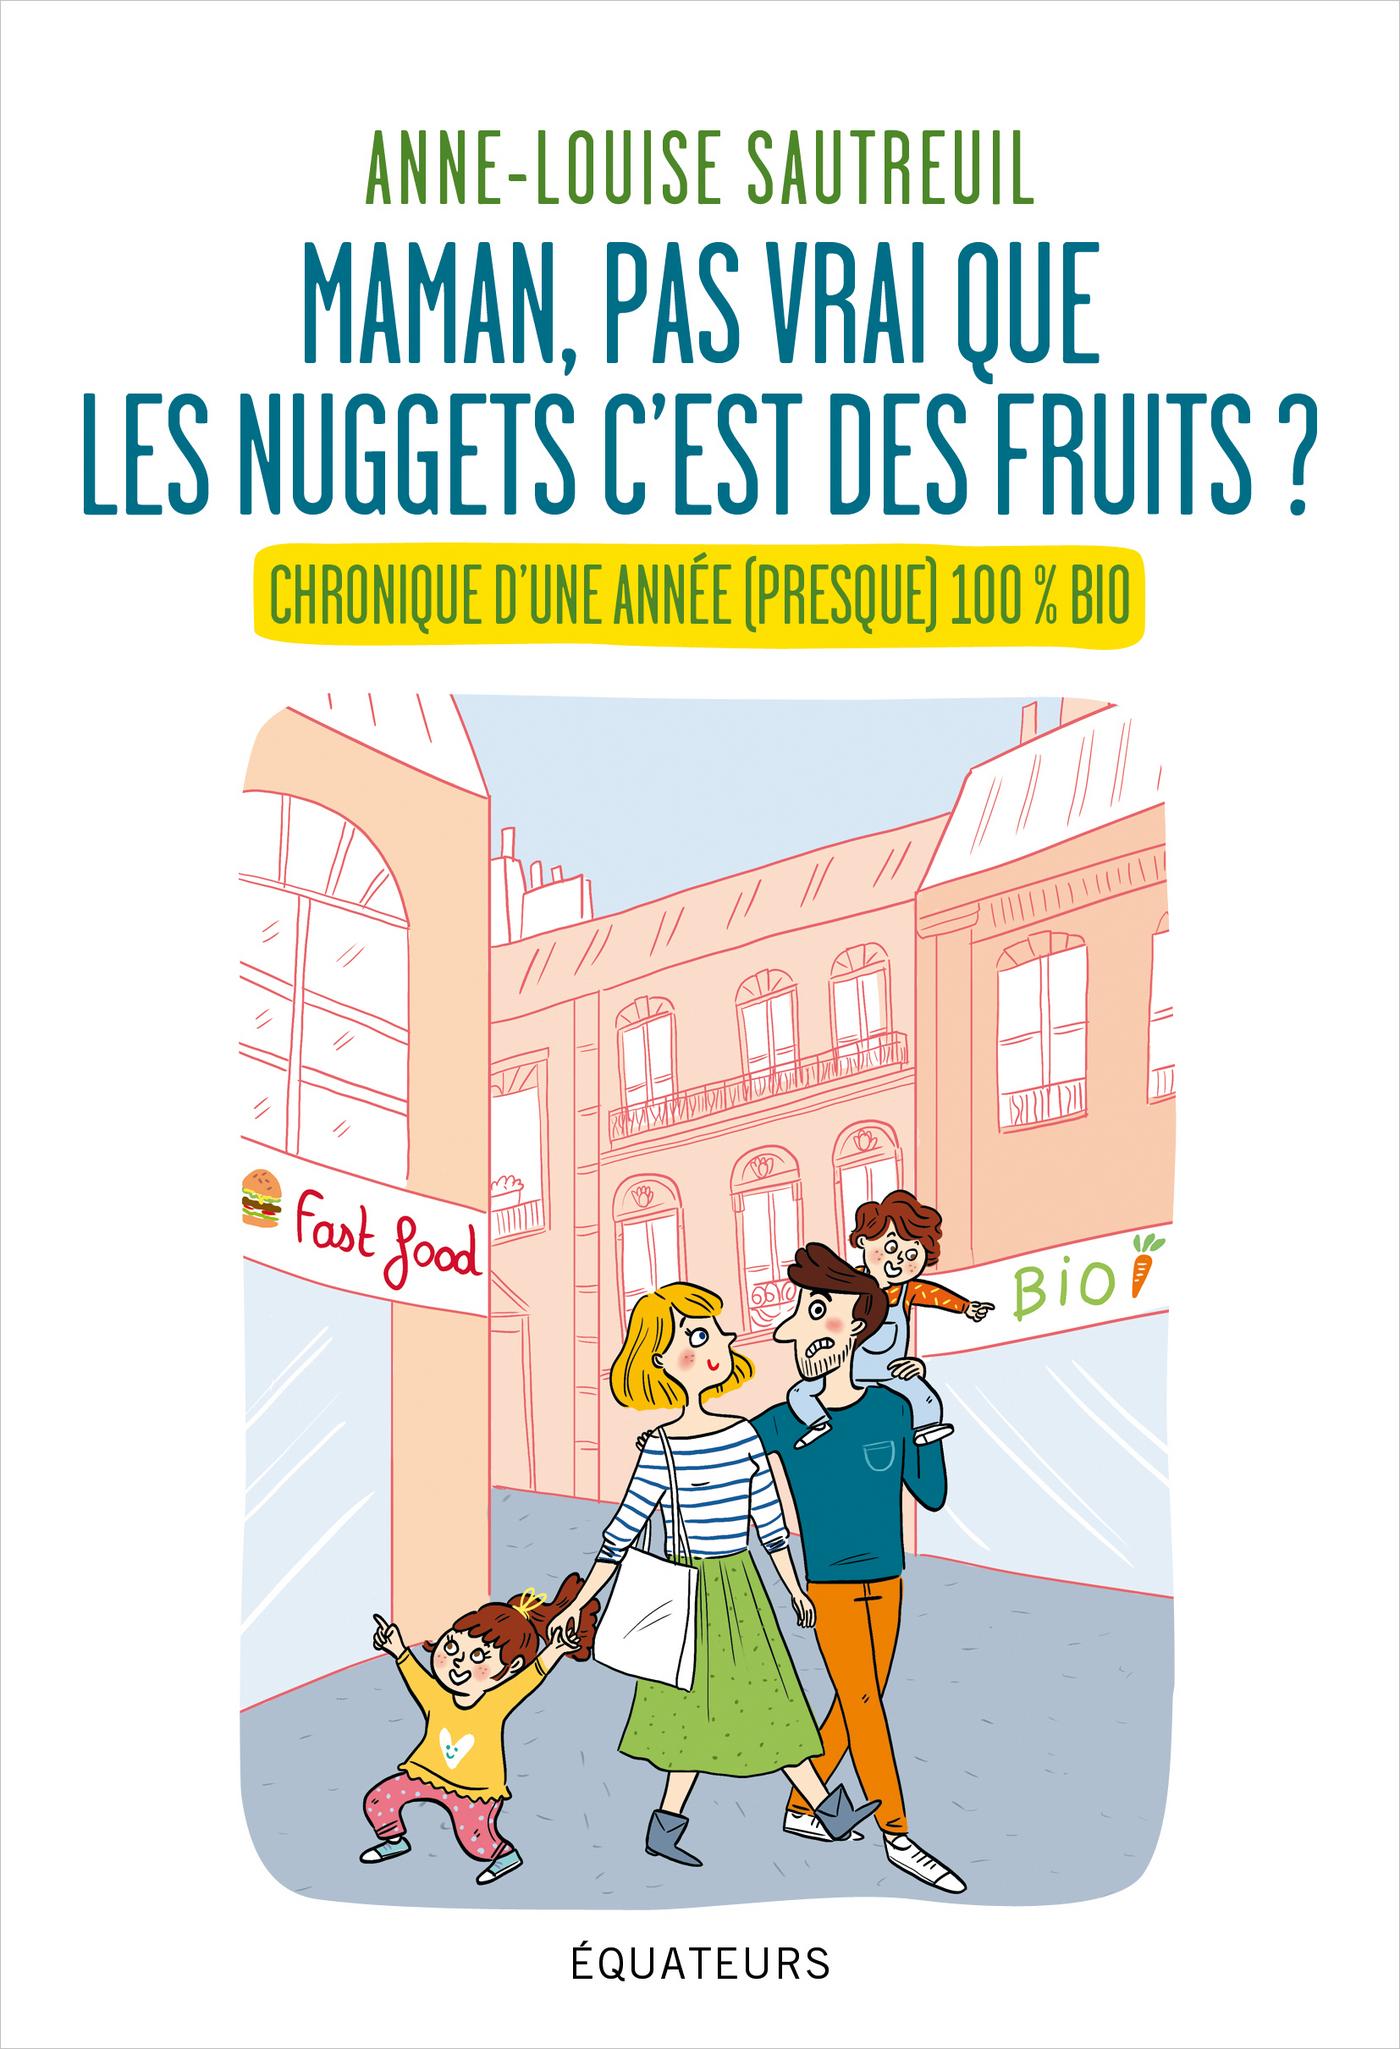 Maman, pas vrai que les nuggets c'est des fruits ? Chronique d'une année 100% bio